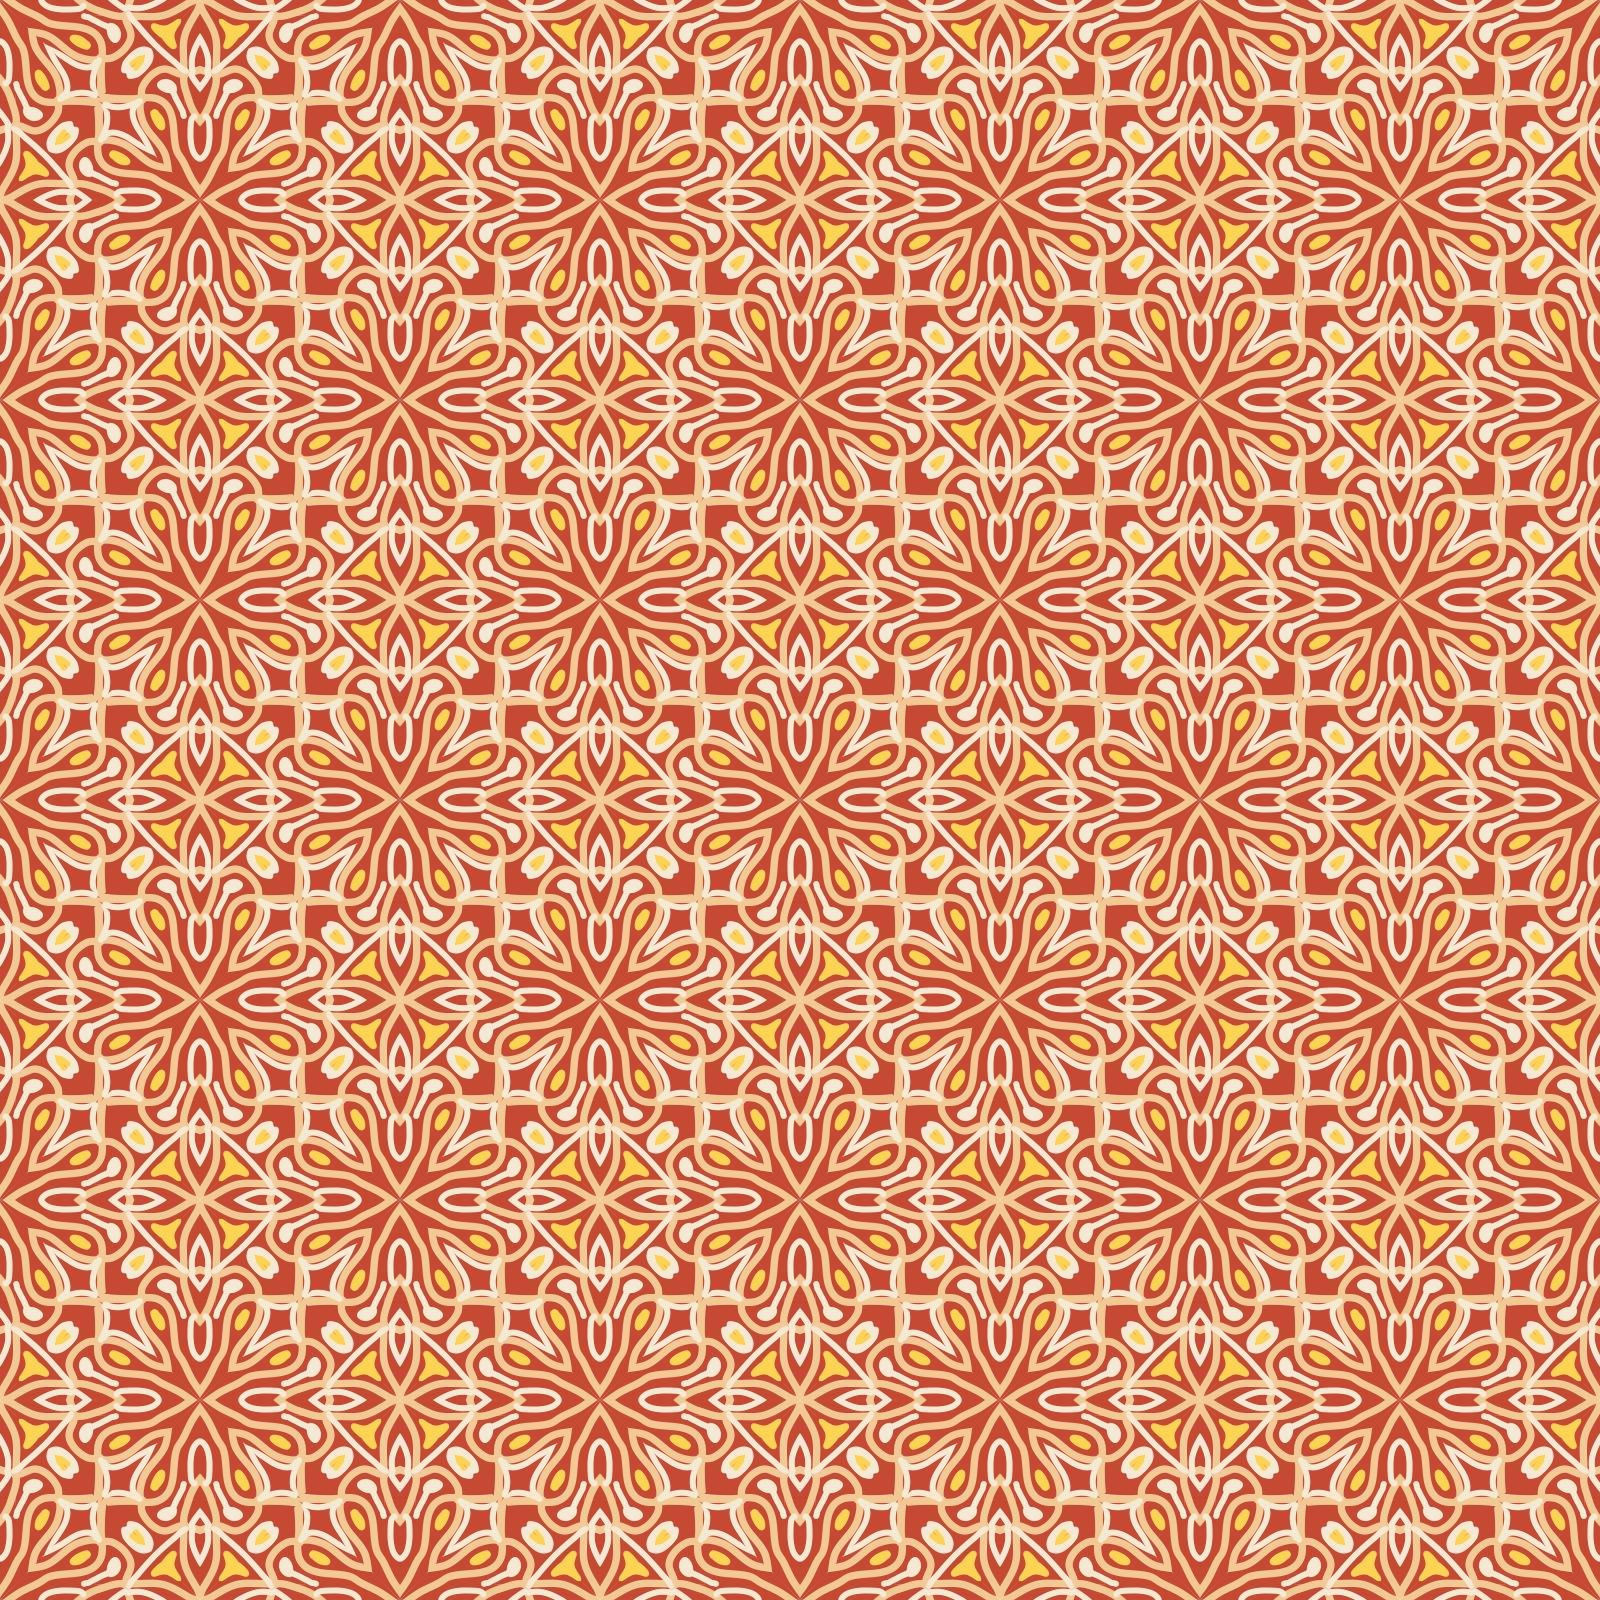 095_tiled